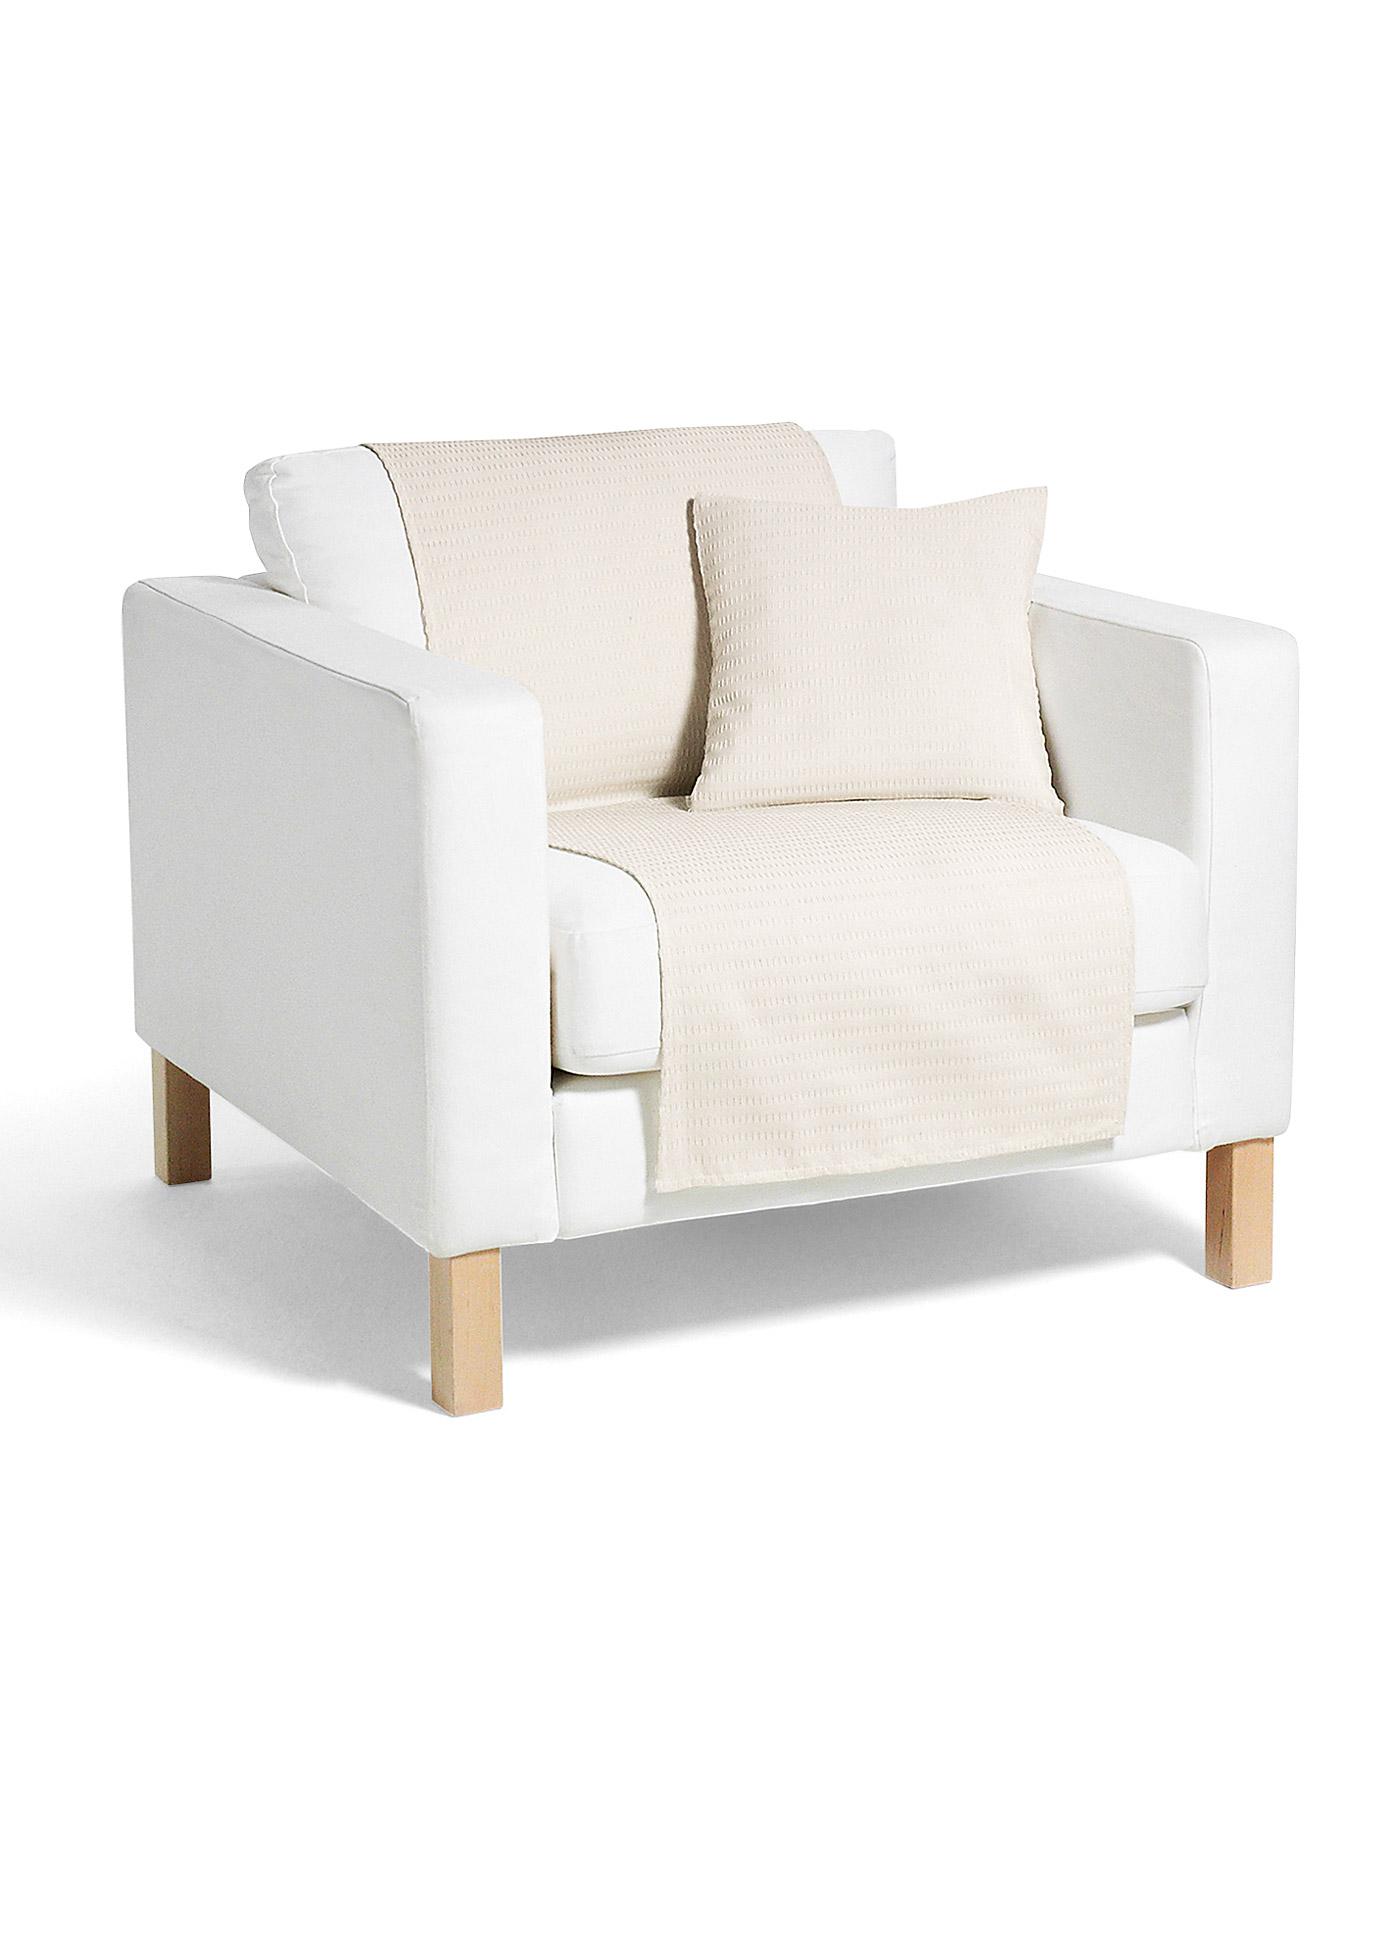 jete de canape fauteuil pas cher achat vente maison et. Black Bedroom Furniture Sets. Home Design Ideas